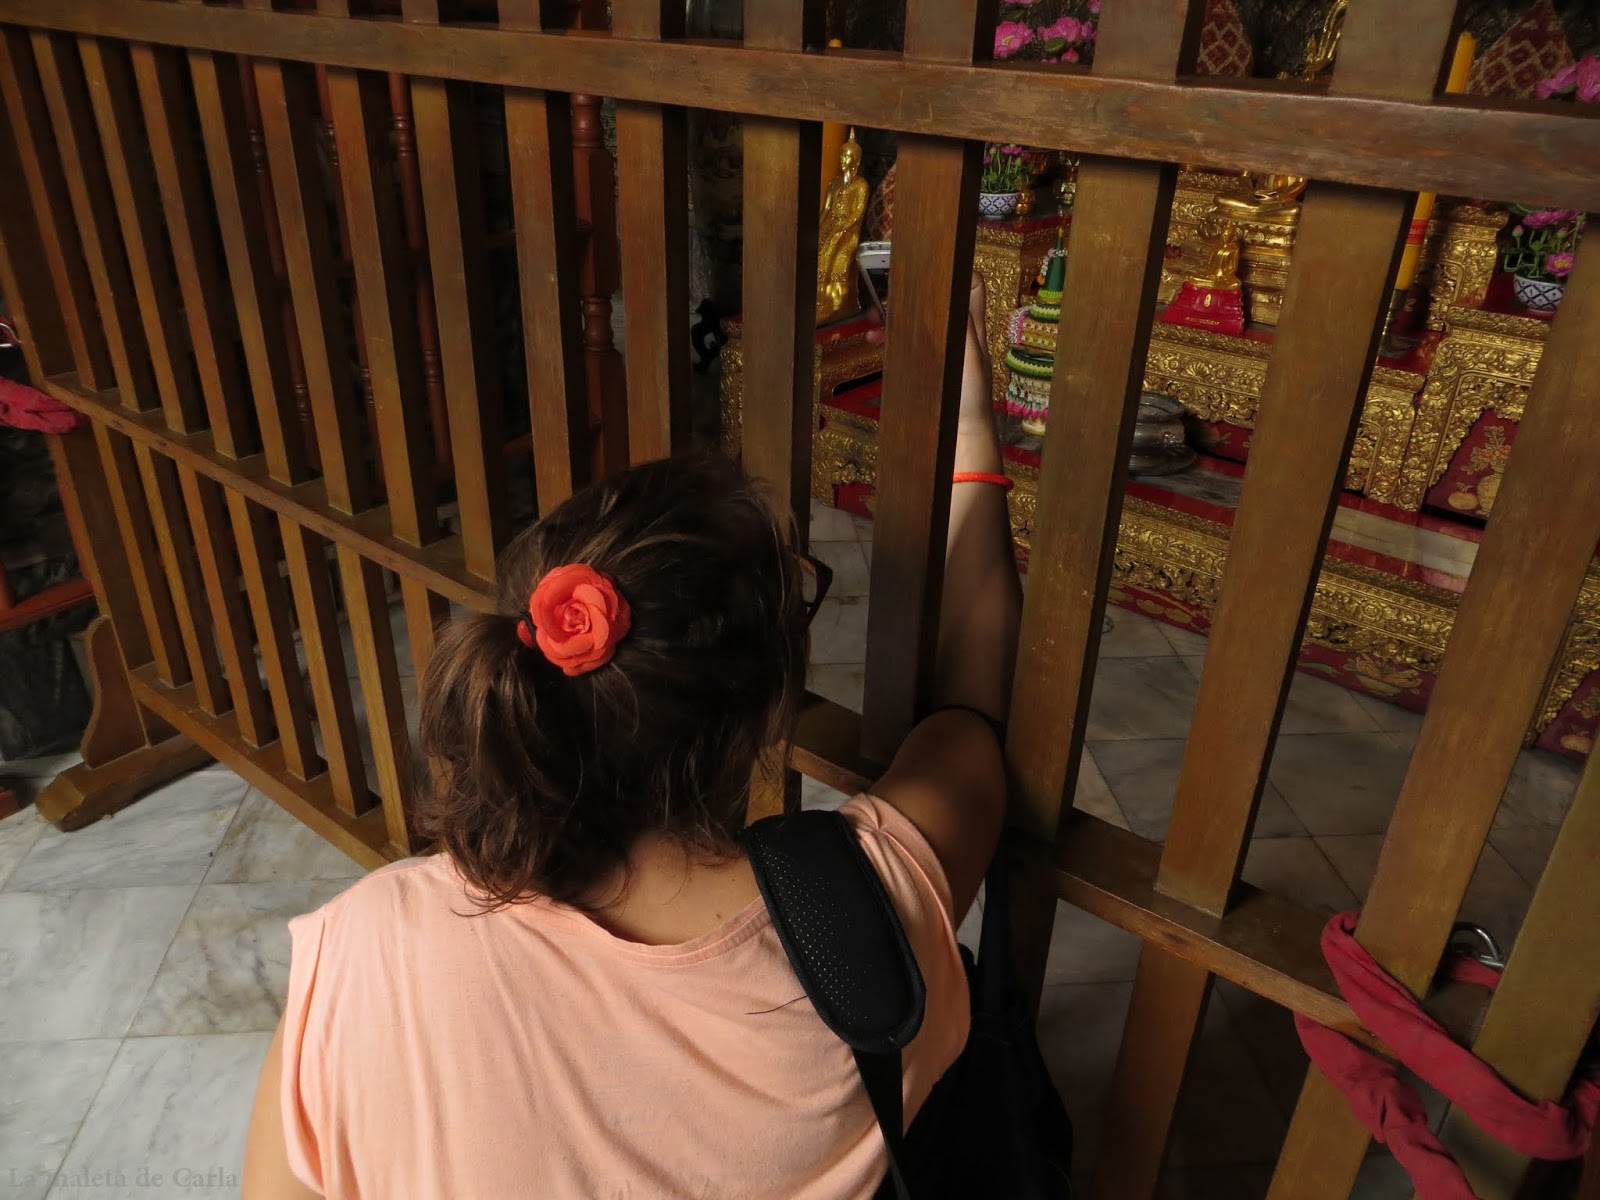 Buscando la mejor perspectiva del Buda reclinado del Wat Pho